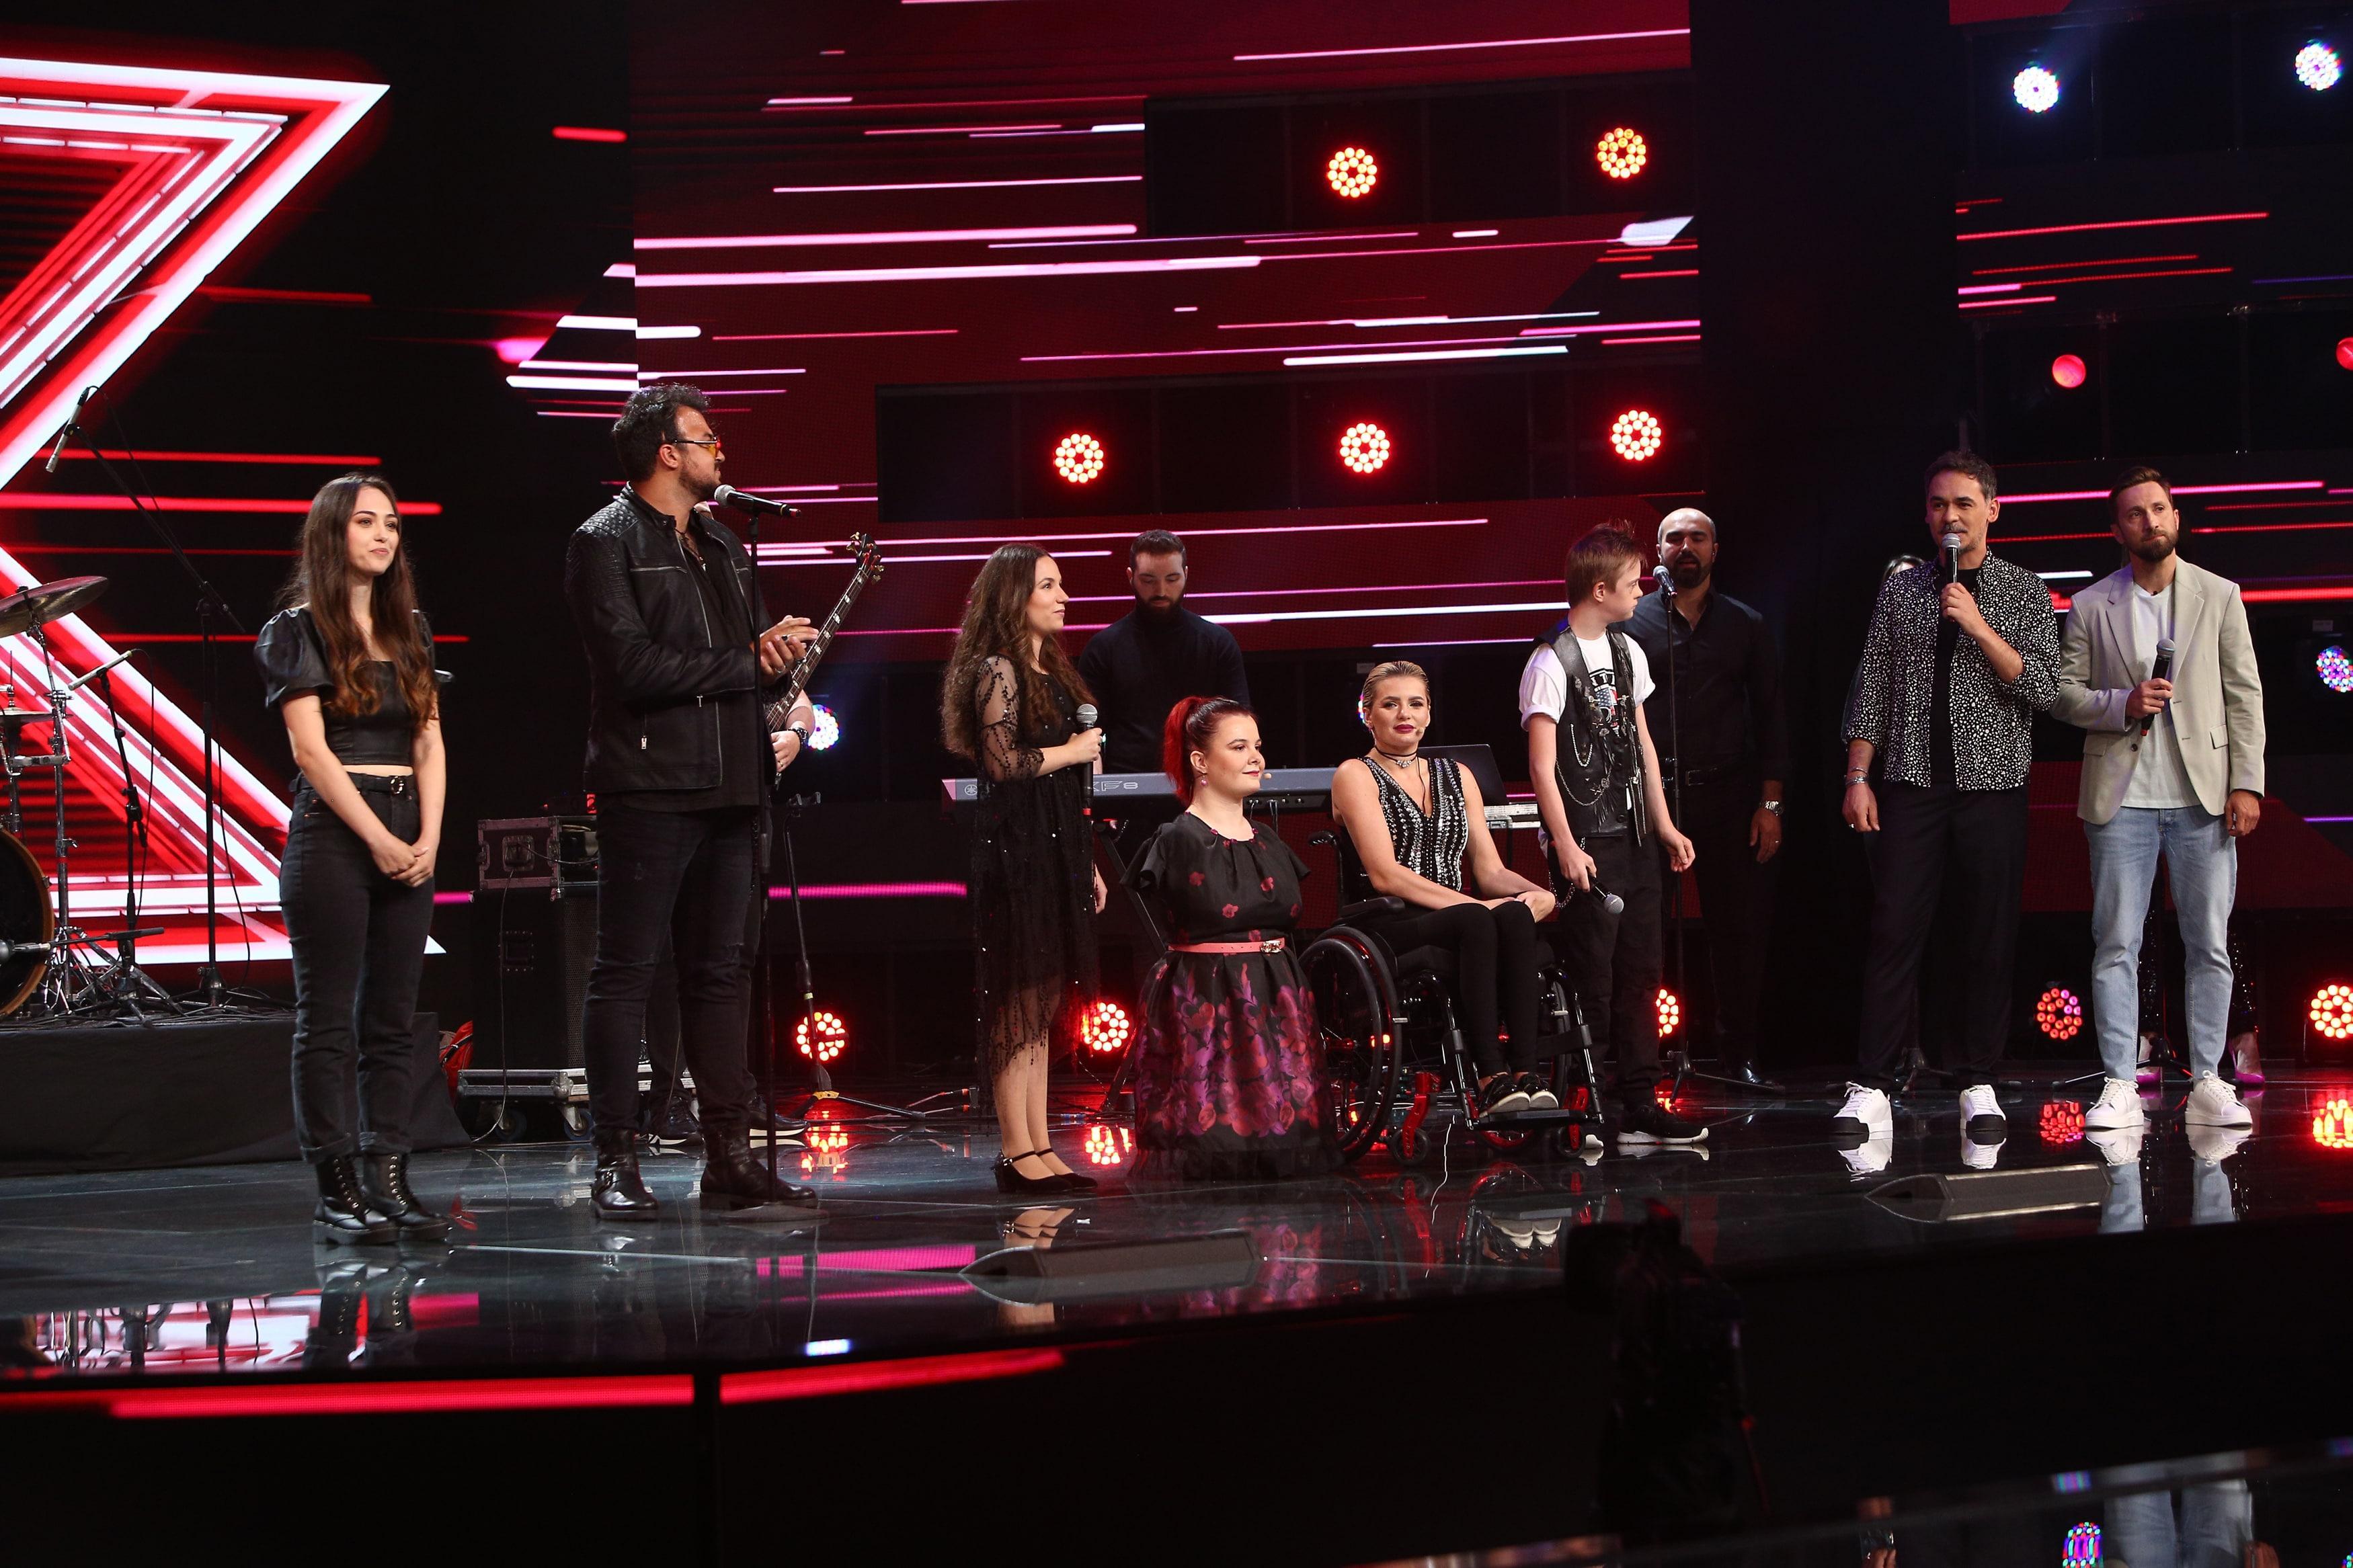 X Factor 2021, 6 septembrie. Andrada Precup a revenit pe scena show-ului. Invitații speciali alaturi de care a emoționat juriul